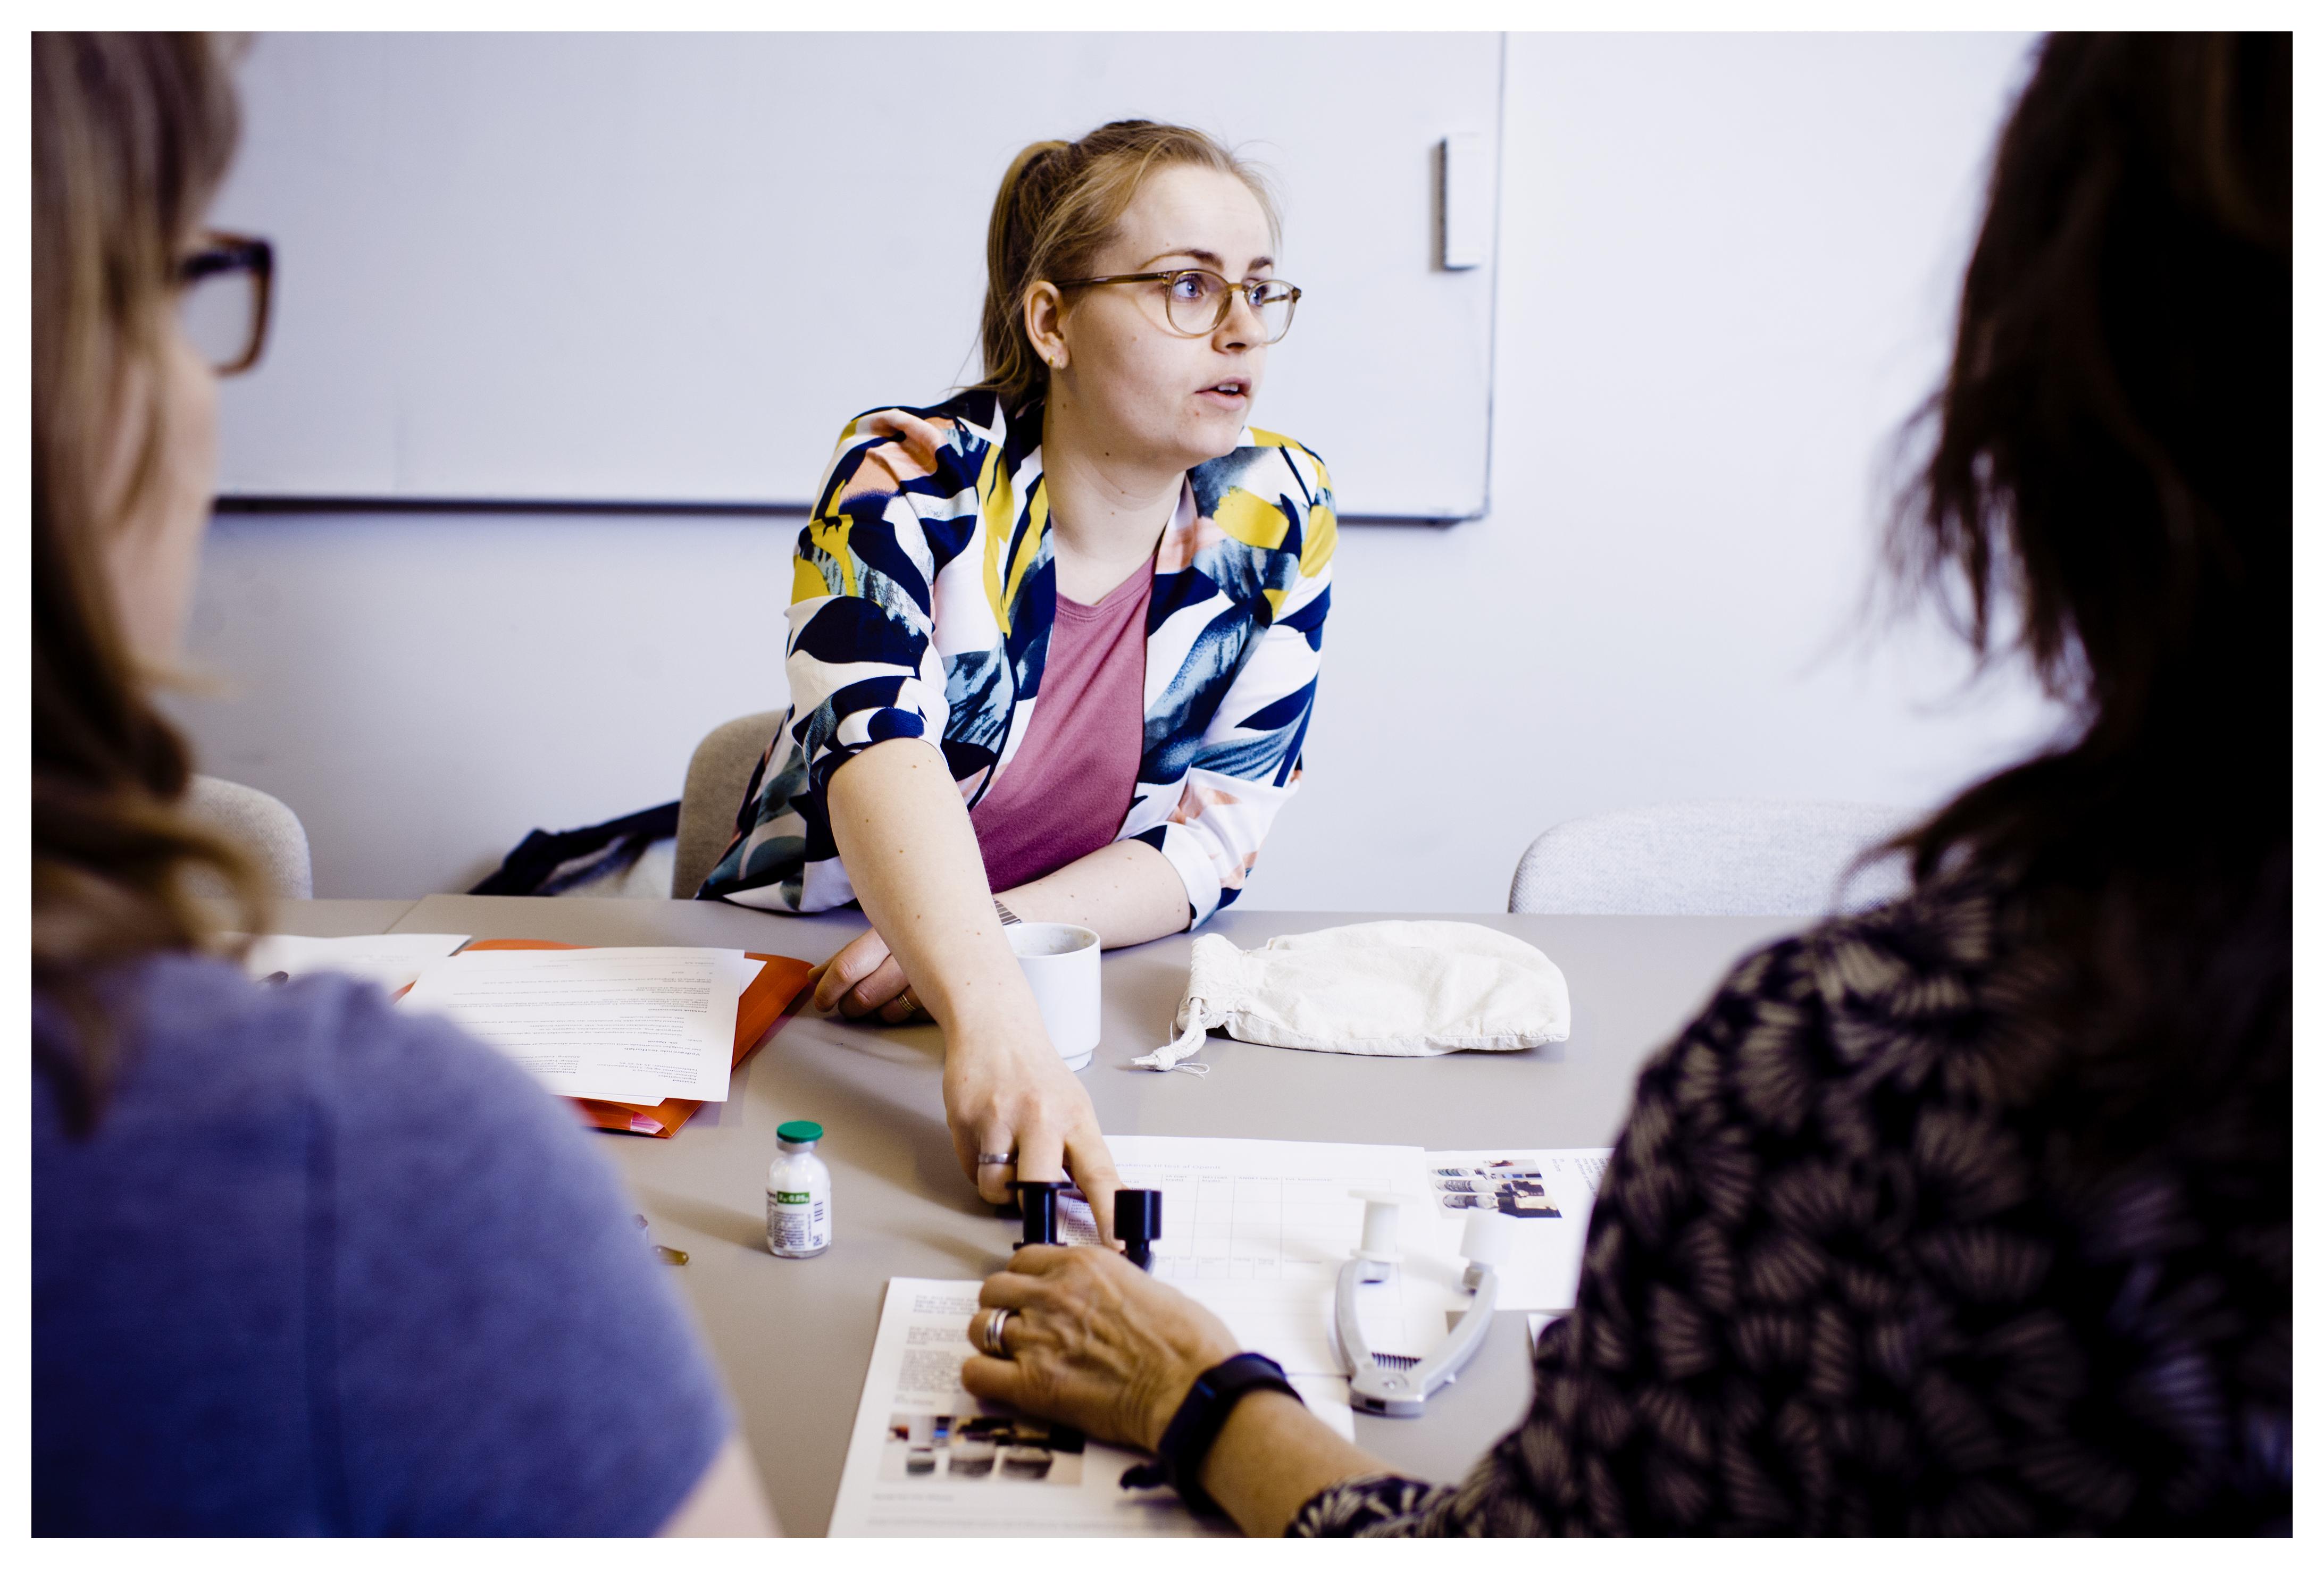 Mette Bidstrup har i sin praktiktid hos virksomheden InnoFlex besøgt forskellige sygehuse rundt i landet for at introducere dem til InnoFlex' velfærdsteknologiske produkter. Herunder ampullen.